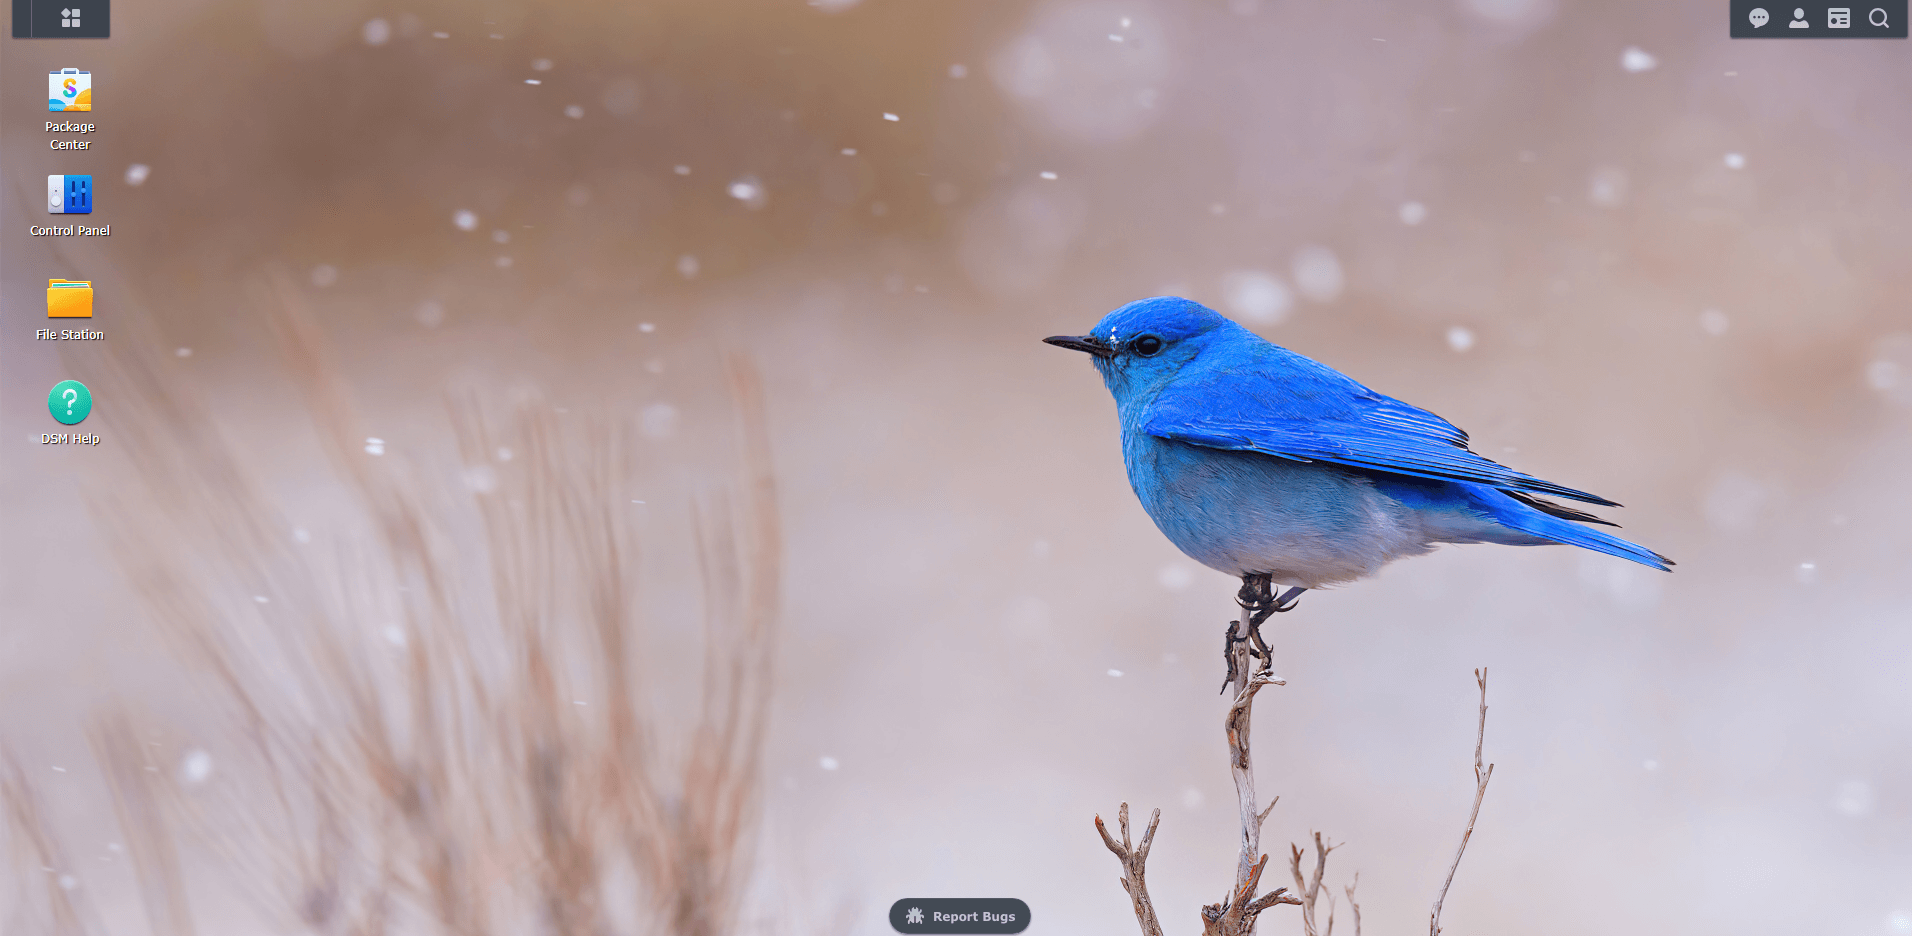 Bluebird wallpaper Synology DSM 7